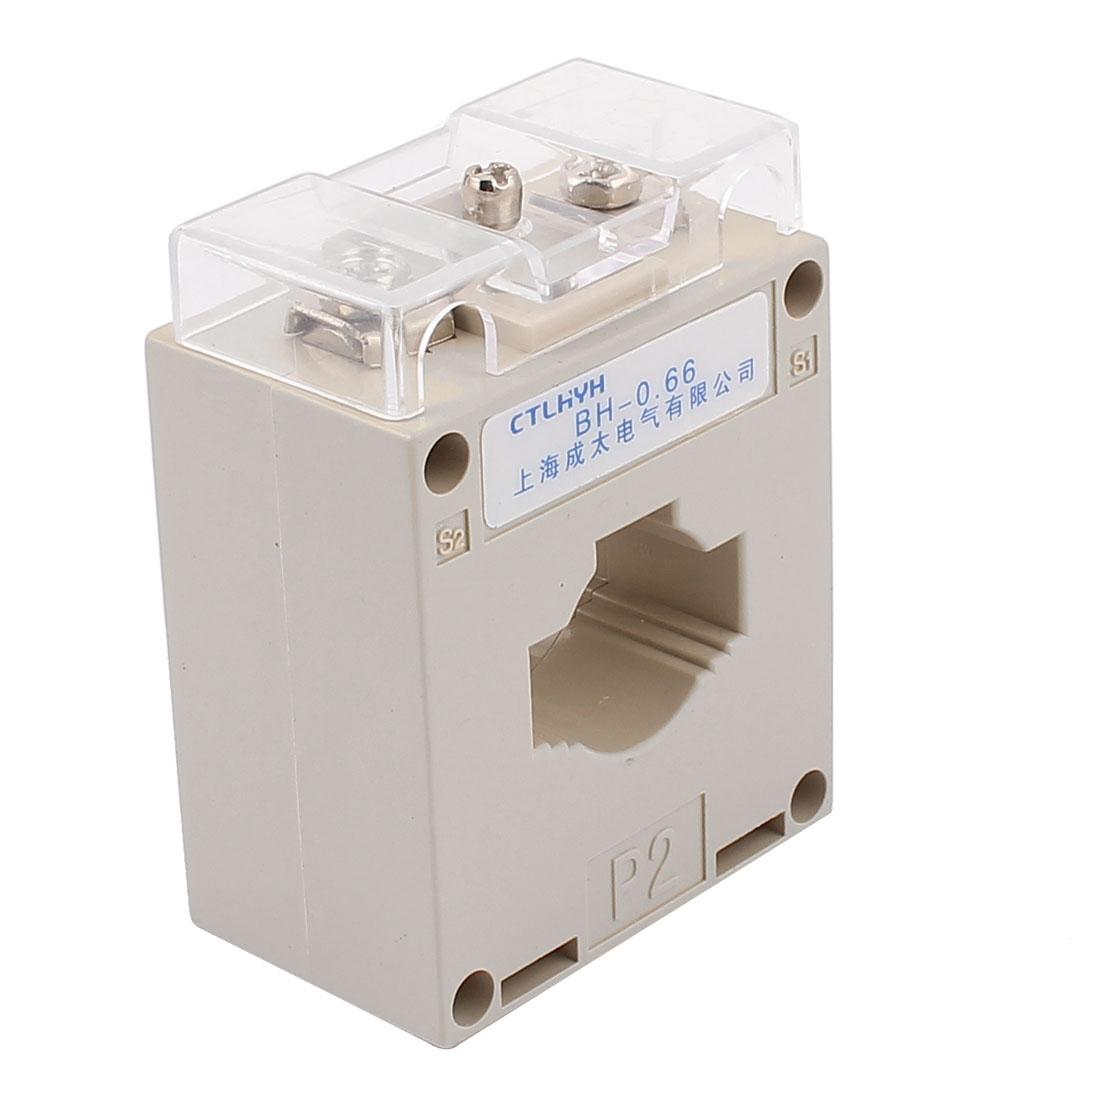 Meter Gauge BH-0.66 3.75VA-5VA 1T 150/5 Ratio Current Transductor Transformer